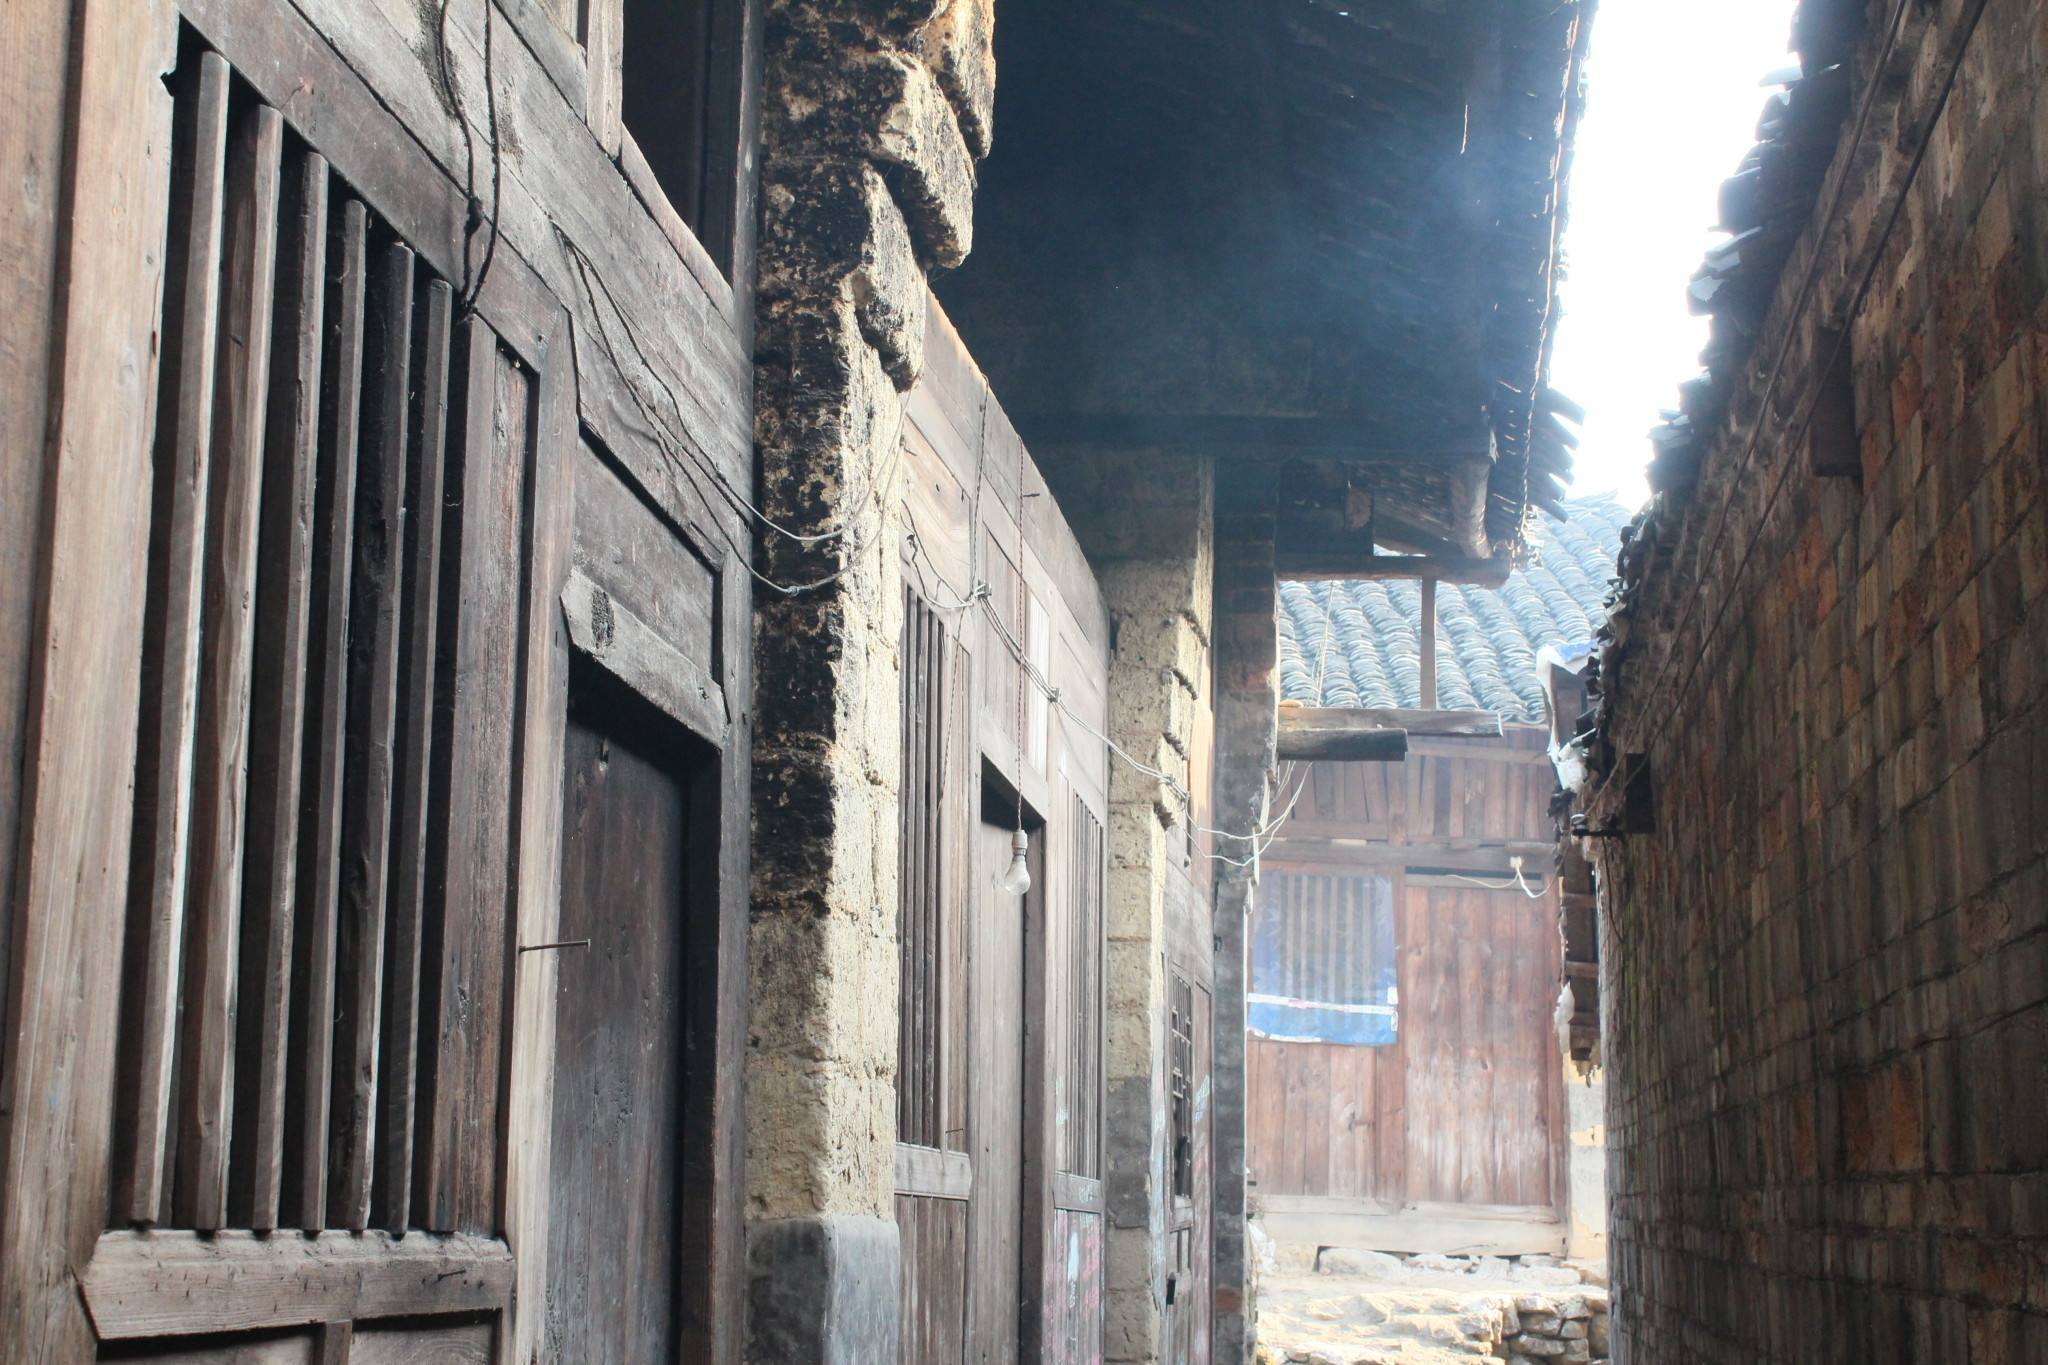 在位于武冈市东部的双牌乡浪石村,发现了一个古建筑群,向世人惊现了一图片